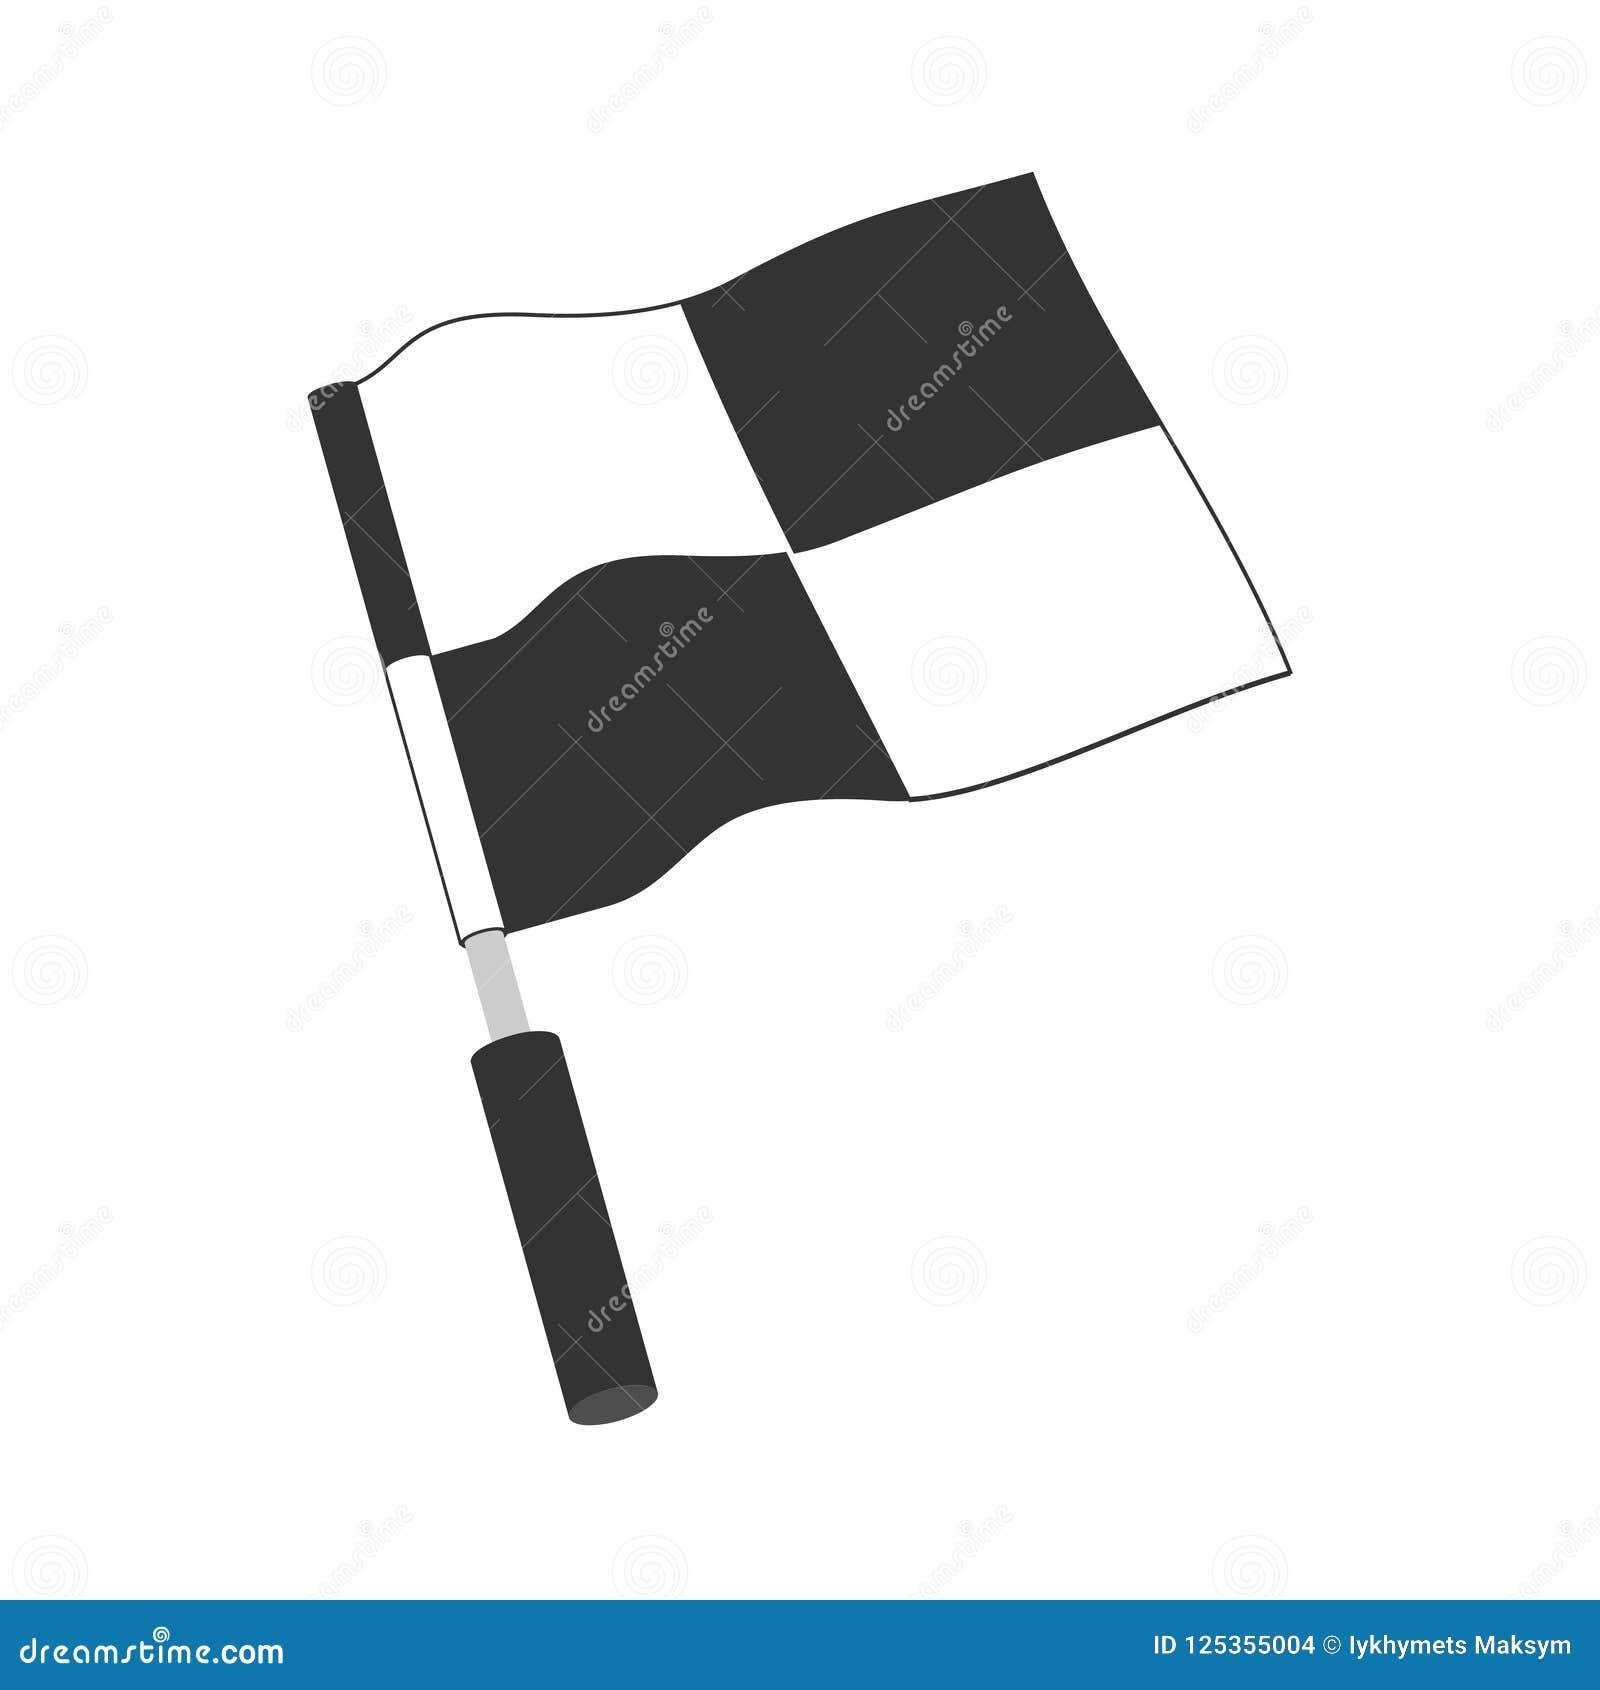 Checkered Racing Flag Icon Starting Flag Auto And Moto Racing